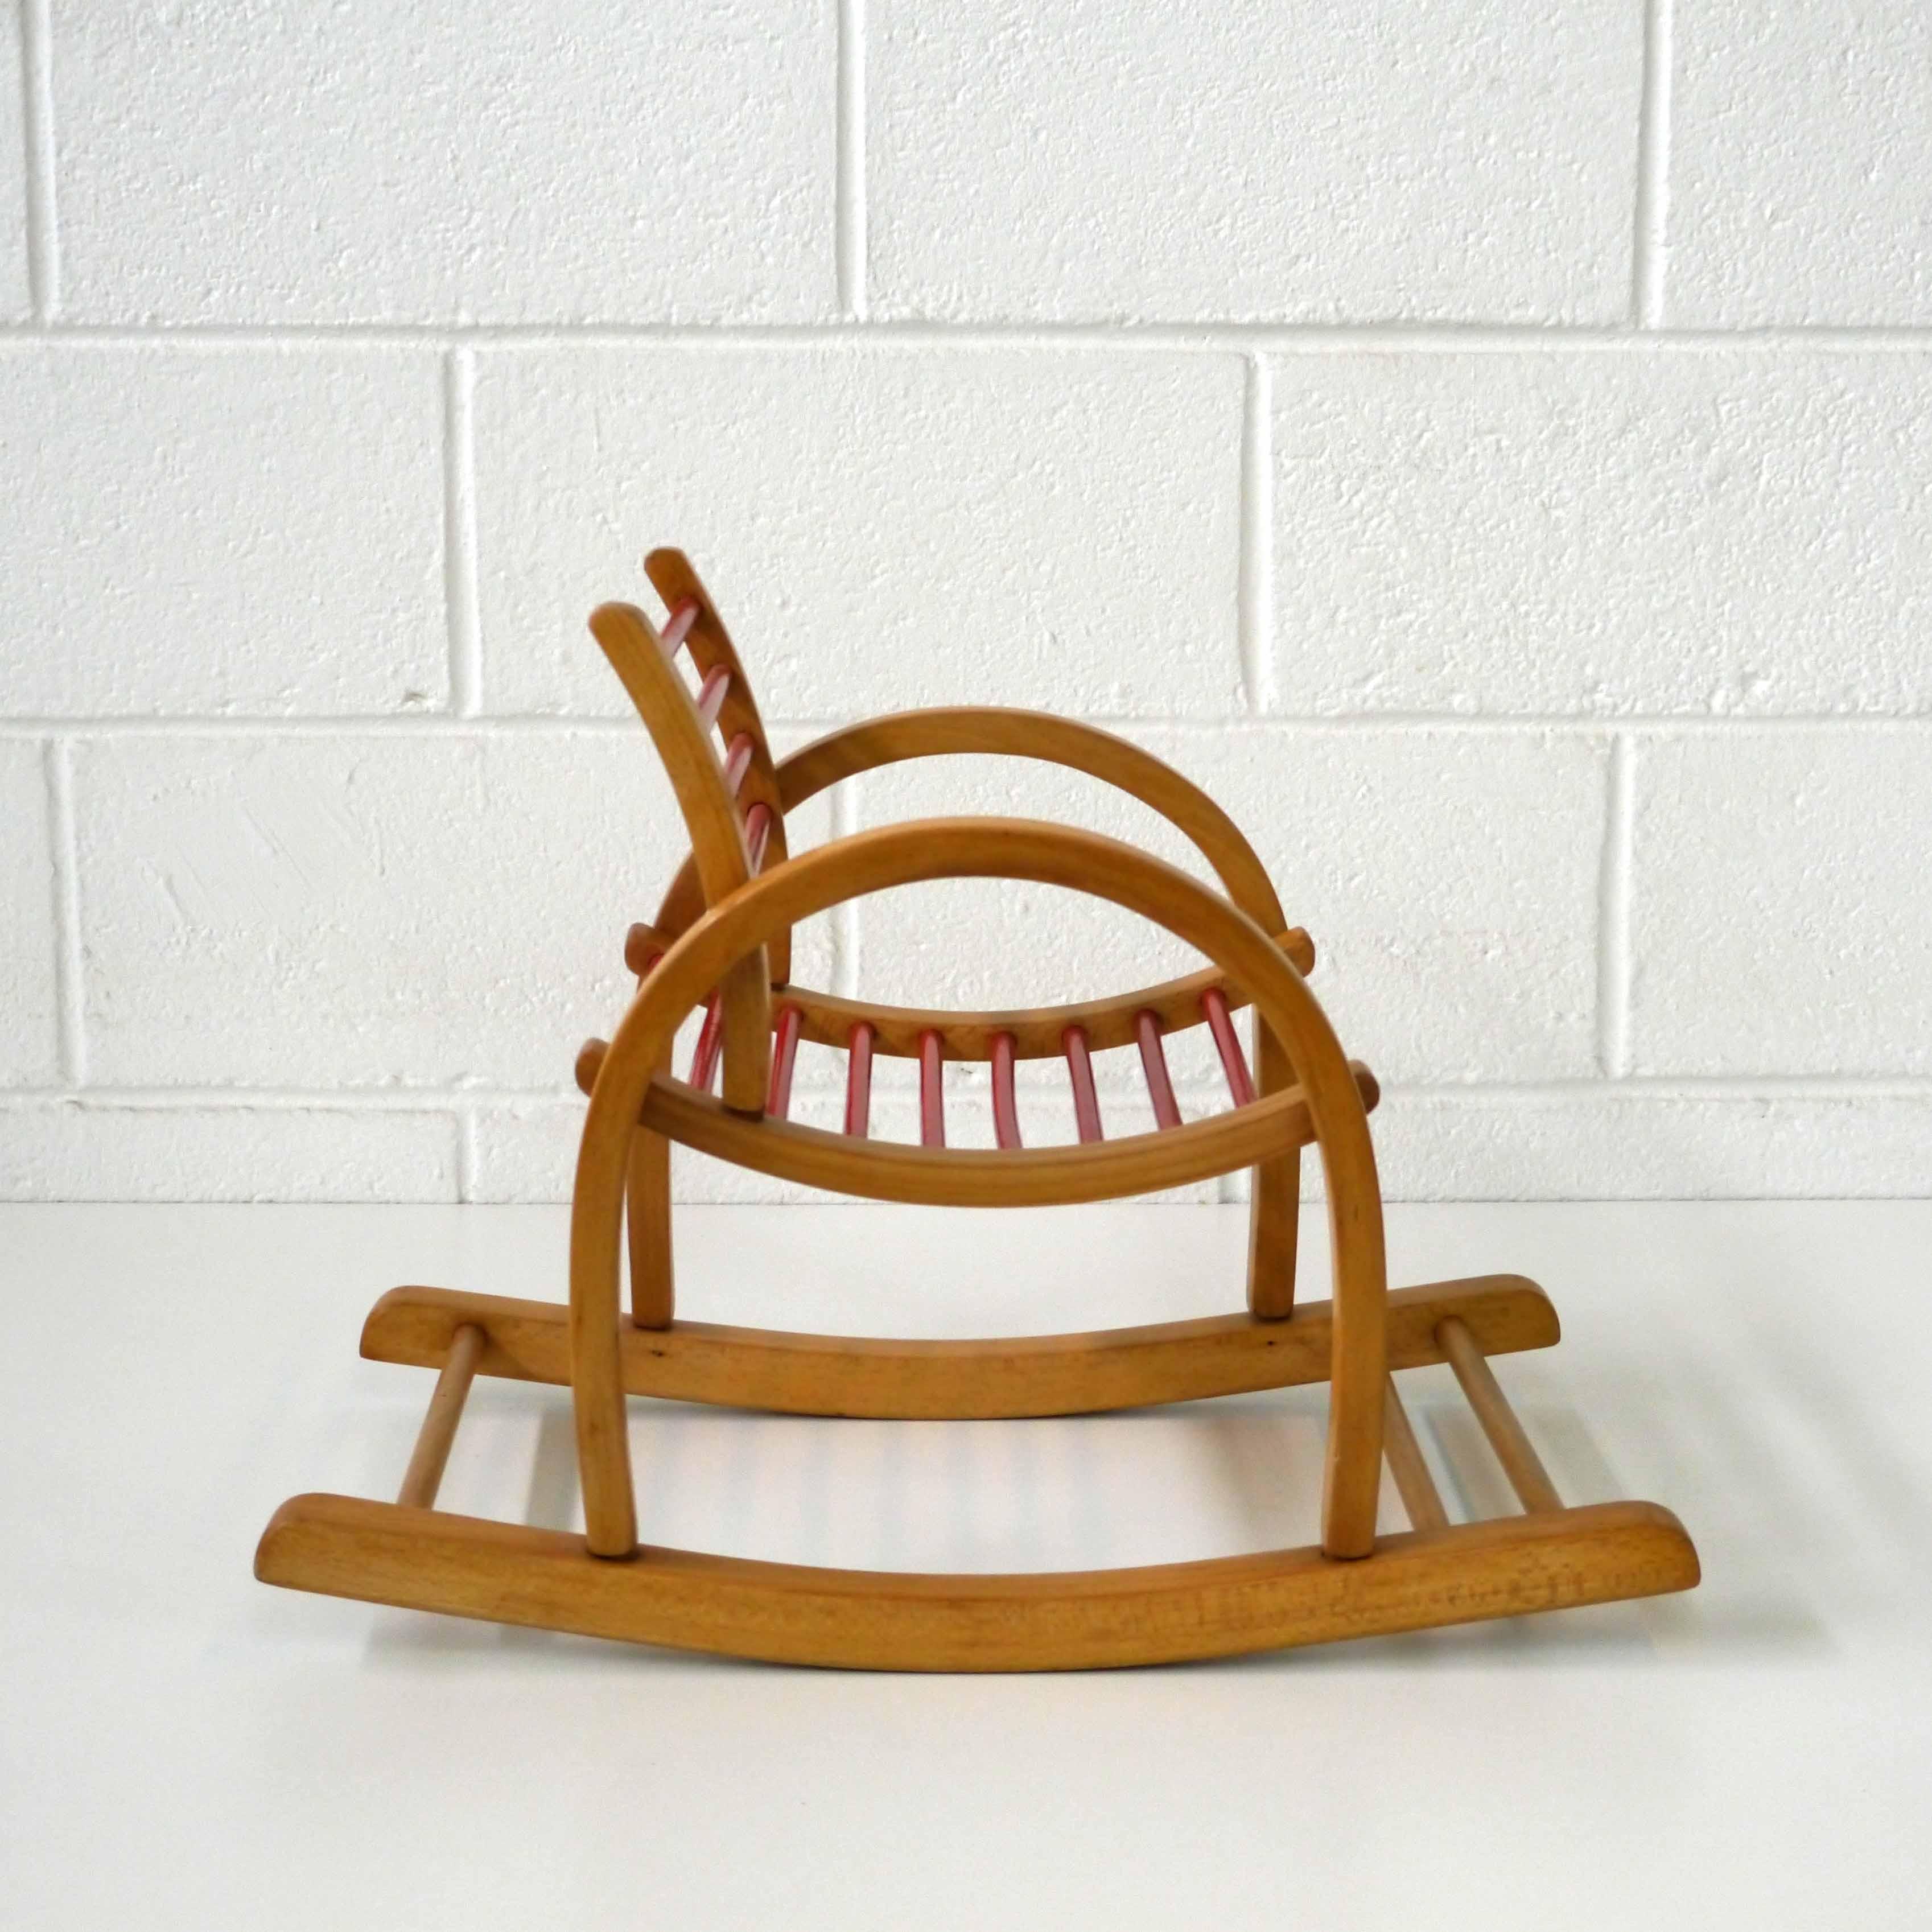 baumann rocking chair la marelle mobilier et d co. Black Bedroom Furniture Sets. Home Design Ideas